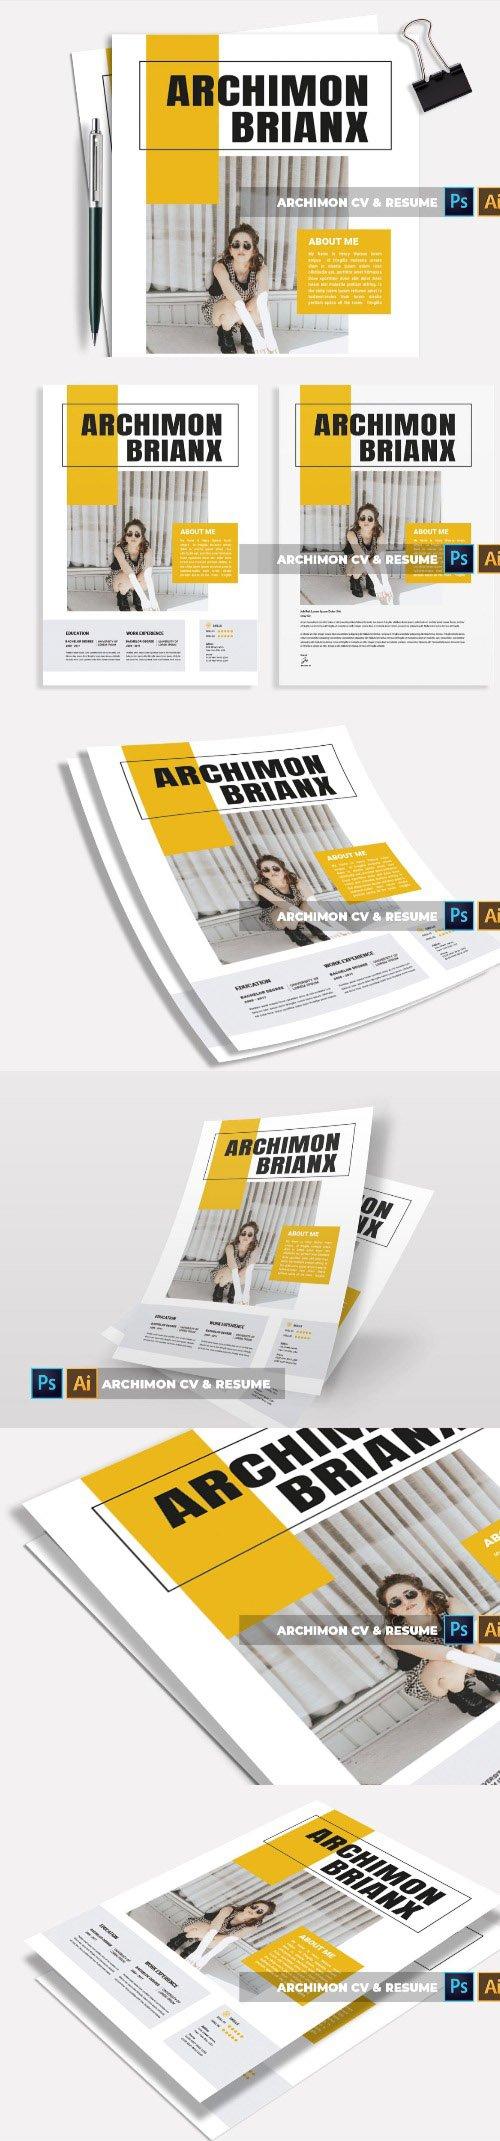 Archimon | CV & Resume